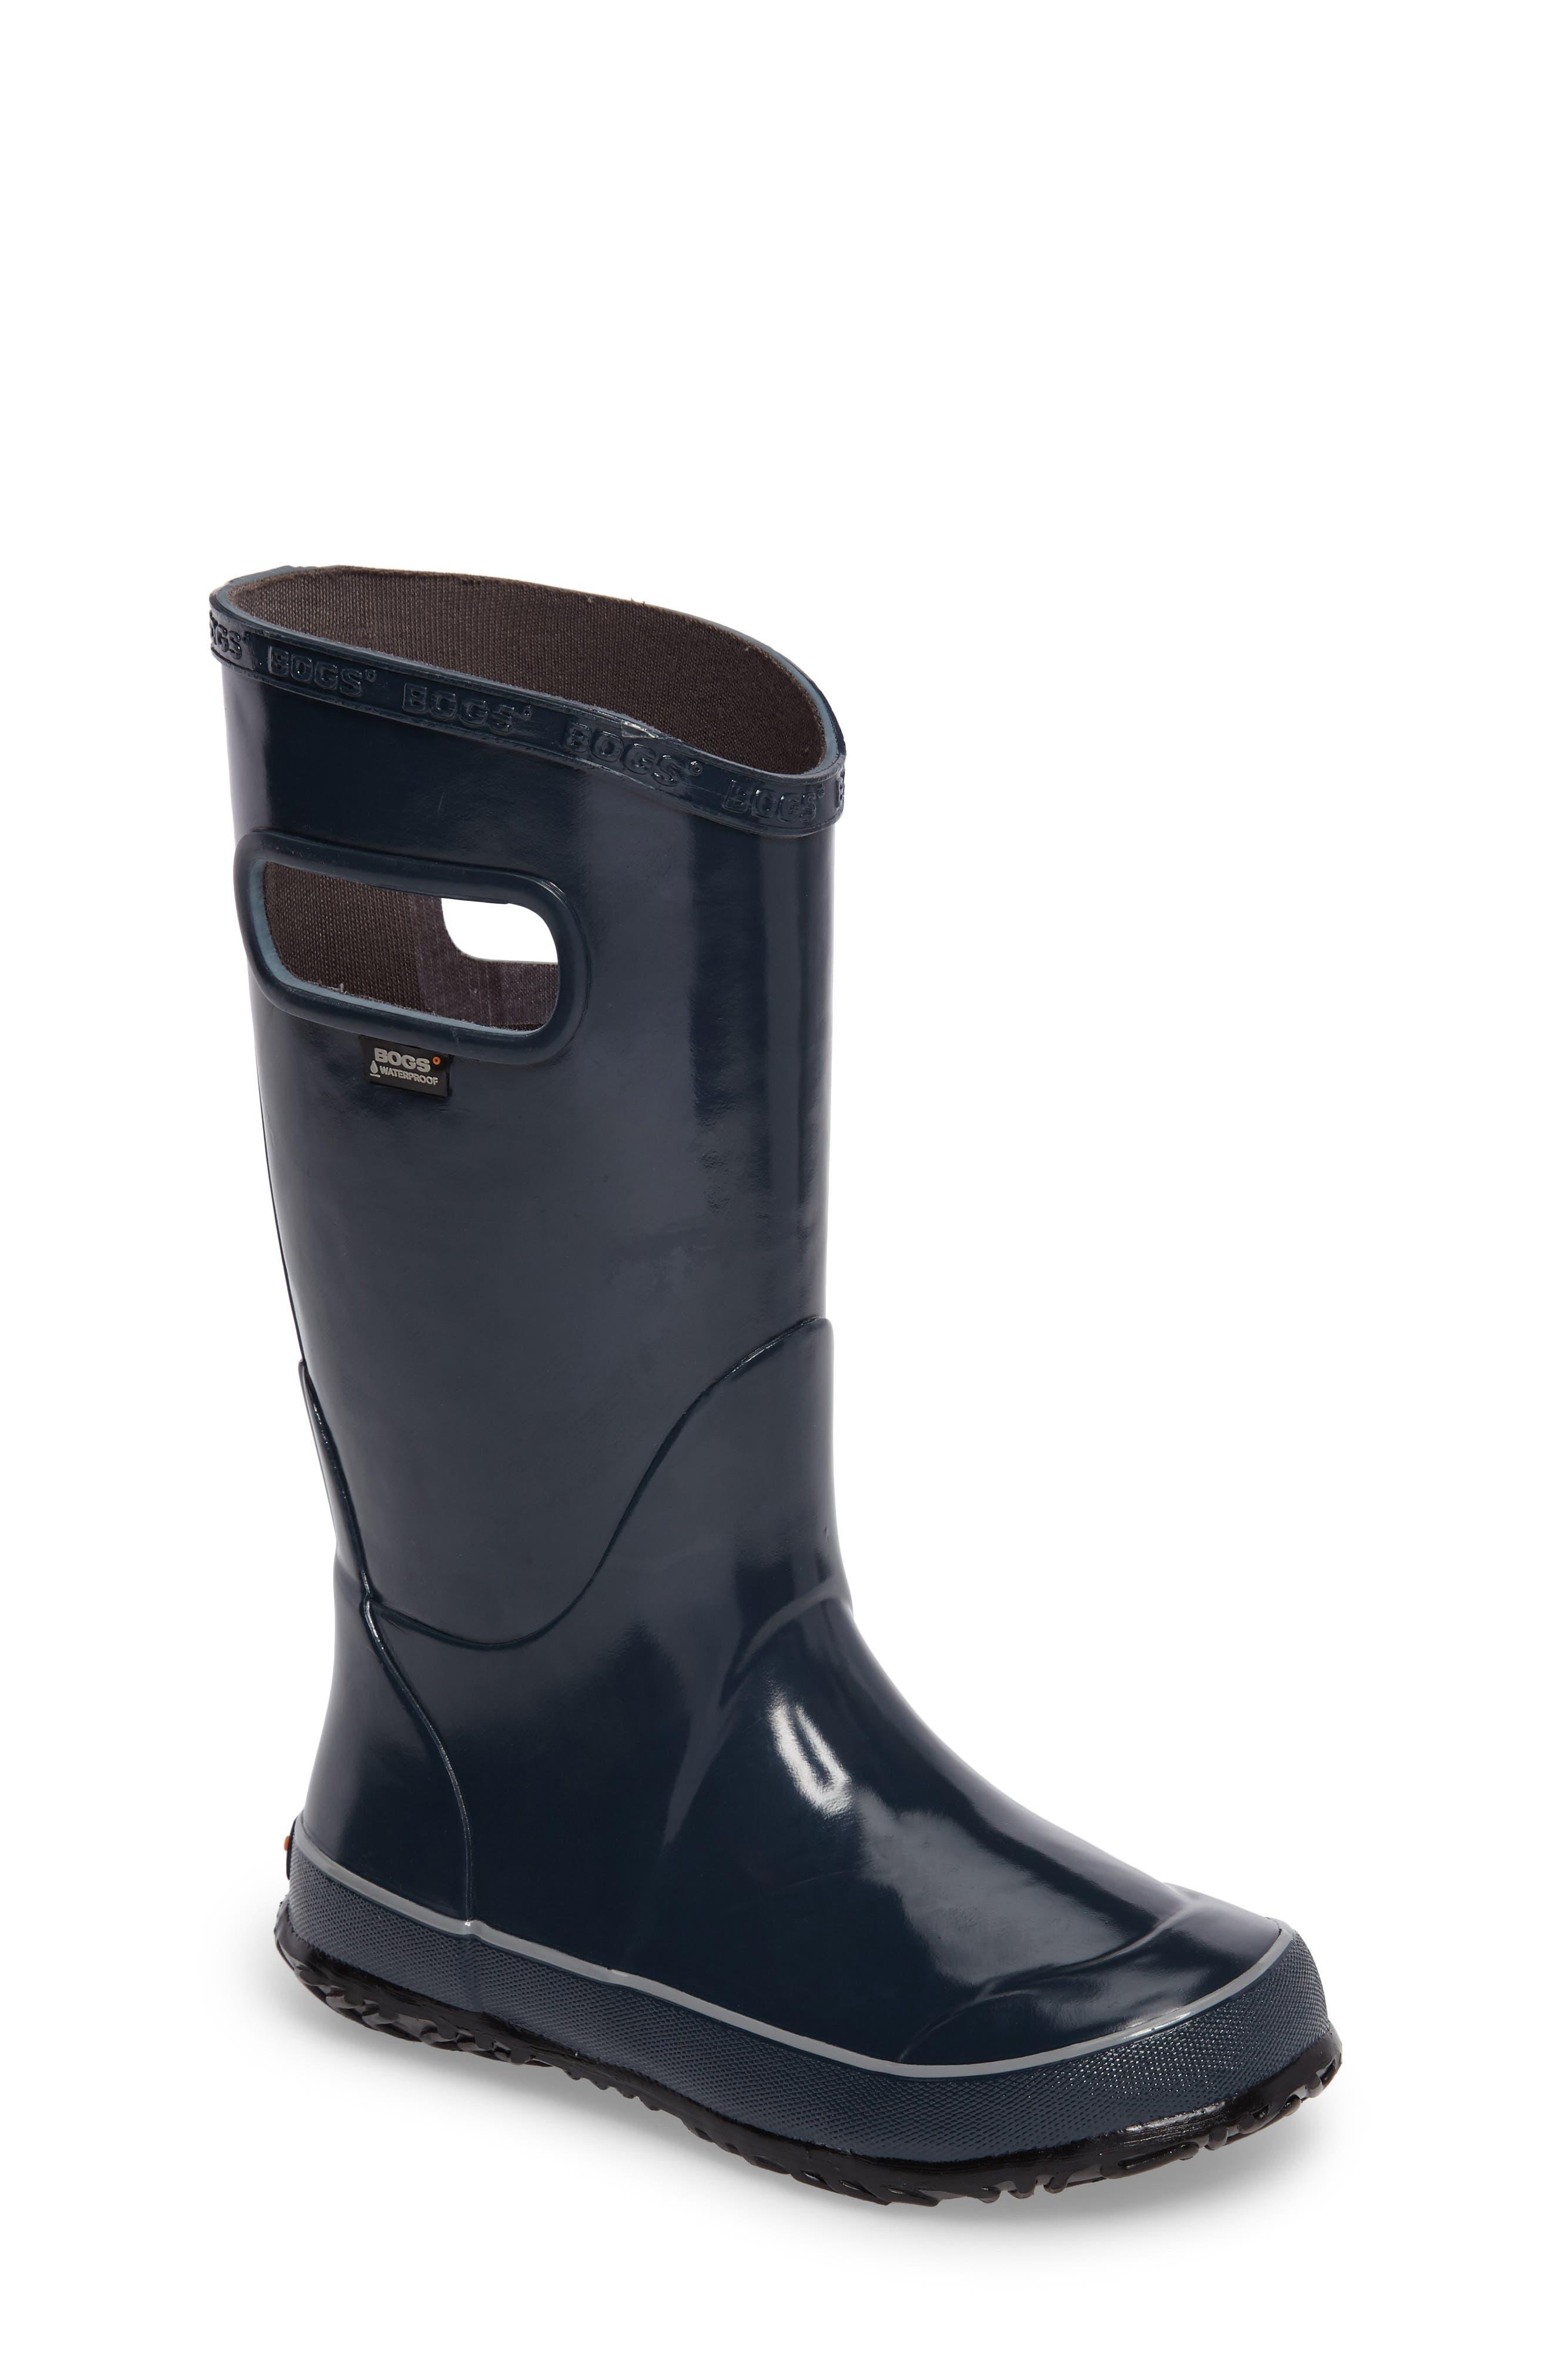 Bogs Solid Waterproof Rain Boot (Toddler, Little Kid & Big Kid)